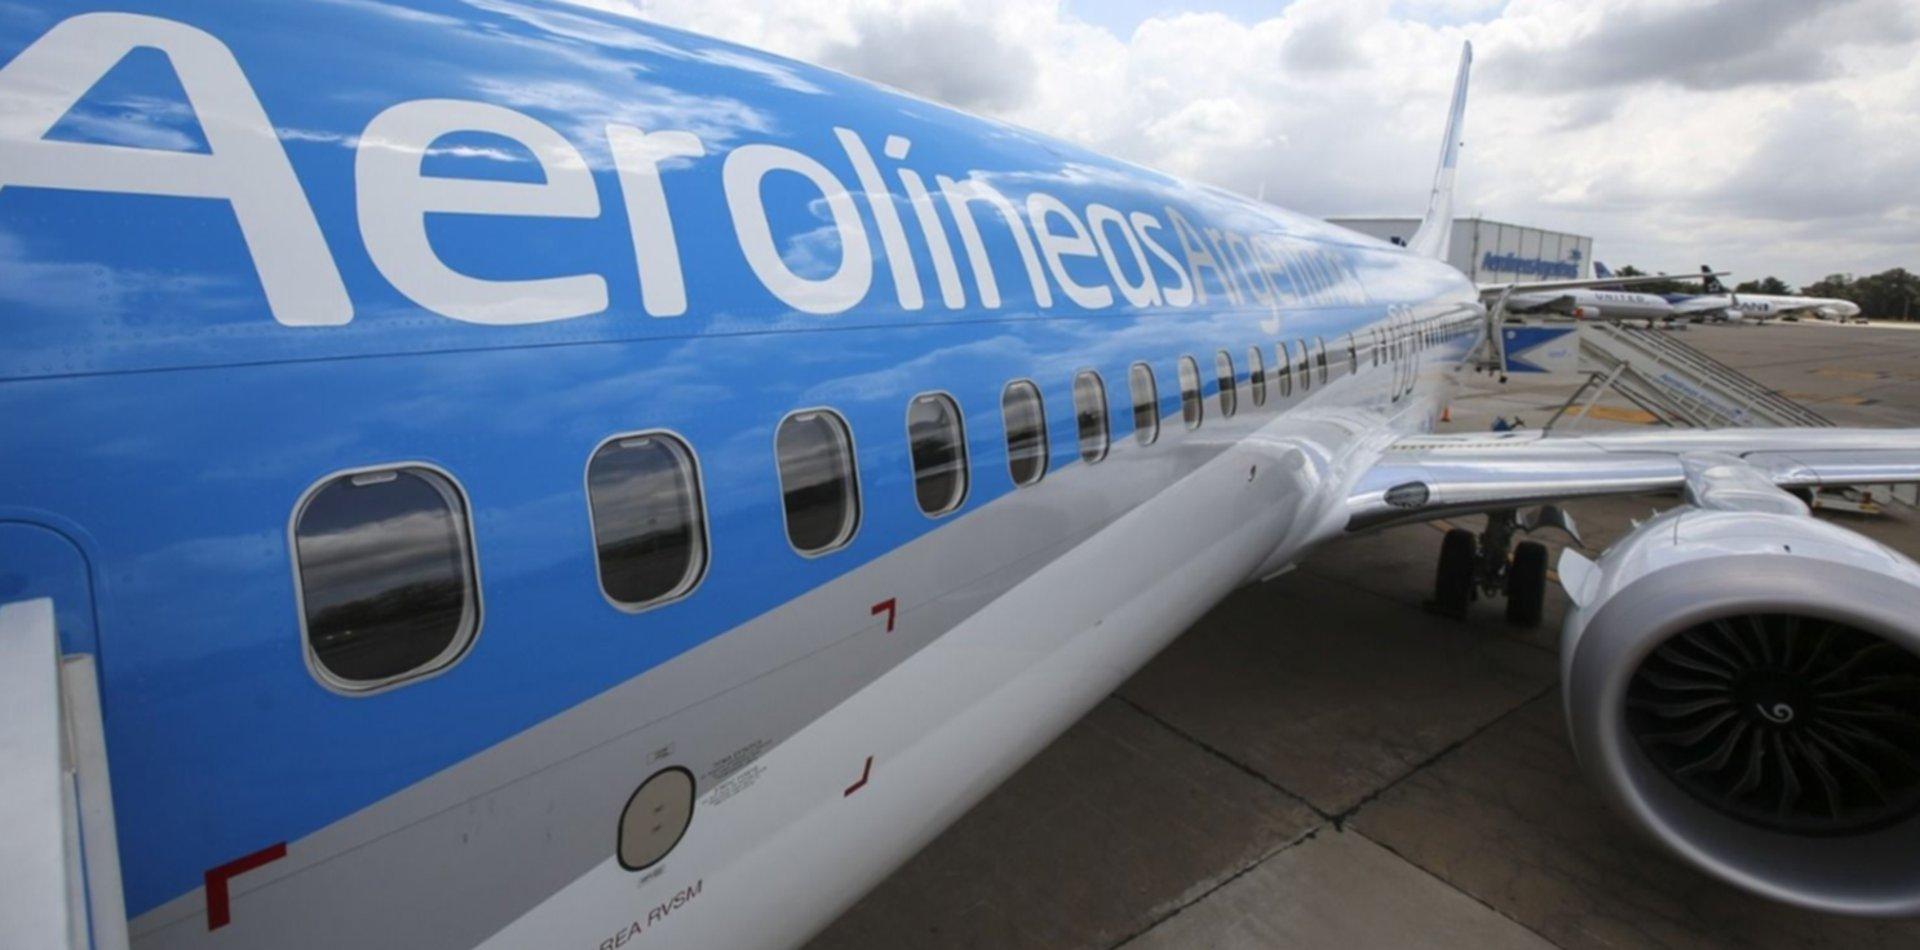 A qué pasajeros denunciará Aerolíneas Argentinas con penas de hasta 5 años sin poder volar